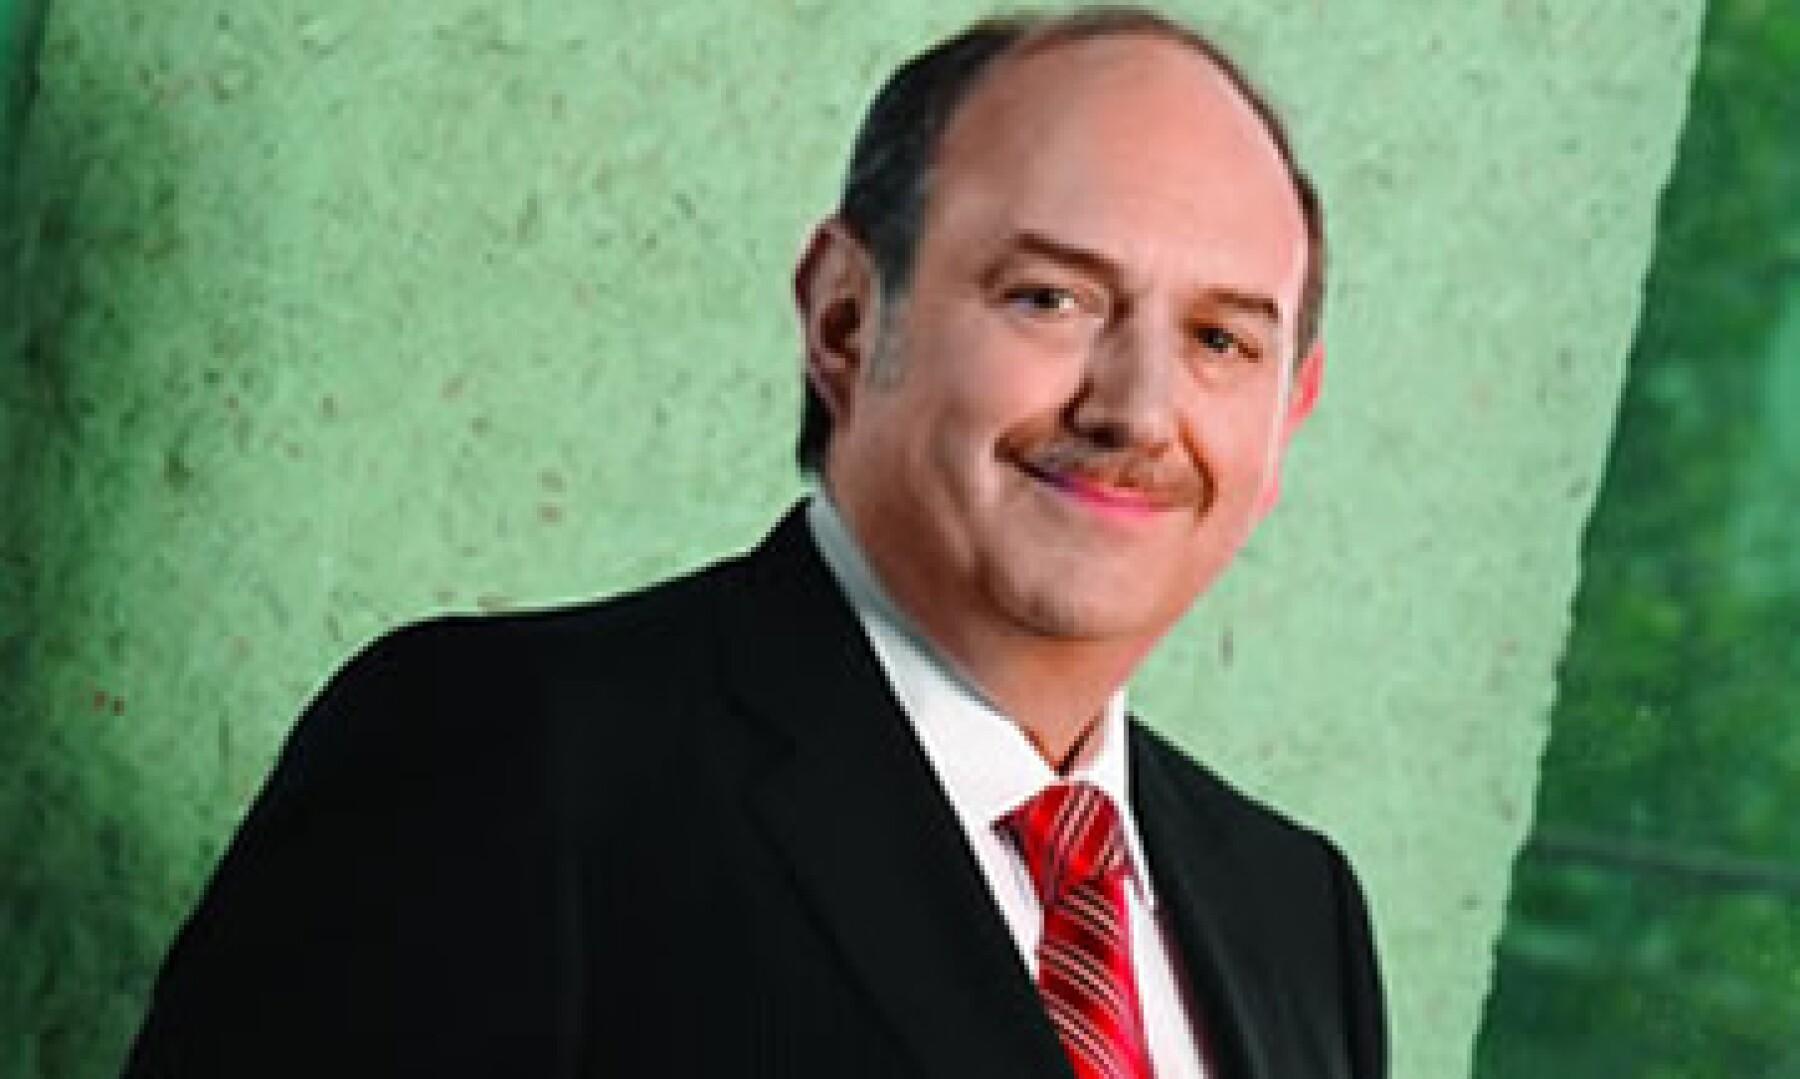 El presidente de la embotelladora Arca ha escalado un total de 17 posiciones en el ranking Los 100 Empresarios más Importantes de México de la revista Expansión, de 2009 a 2011. (Foto: Revista Expansión)